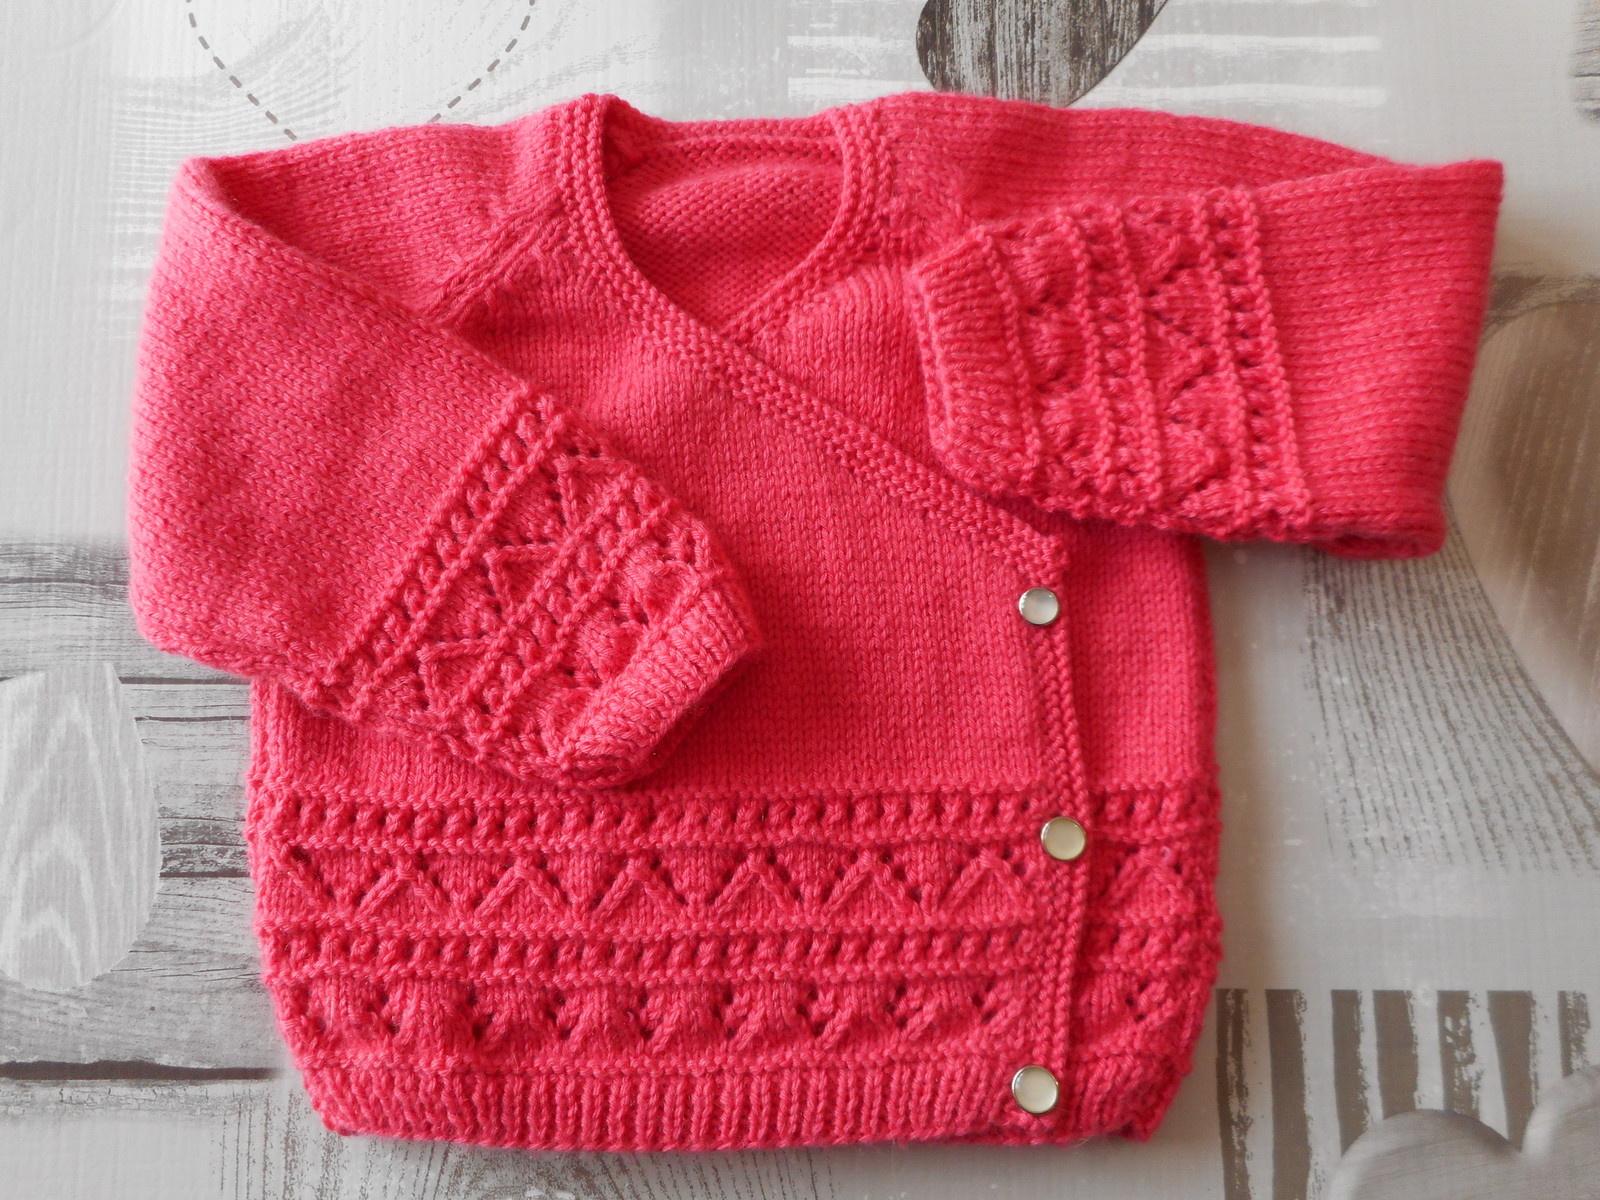 Populaire Manteau tricot bebe fille - Chapka, doudoune, pull & Vetement d'hiver KQ71